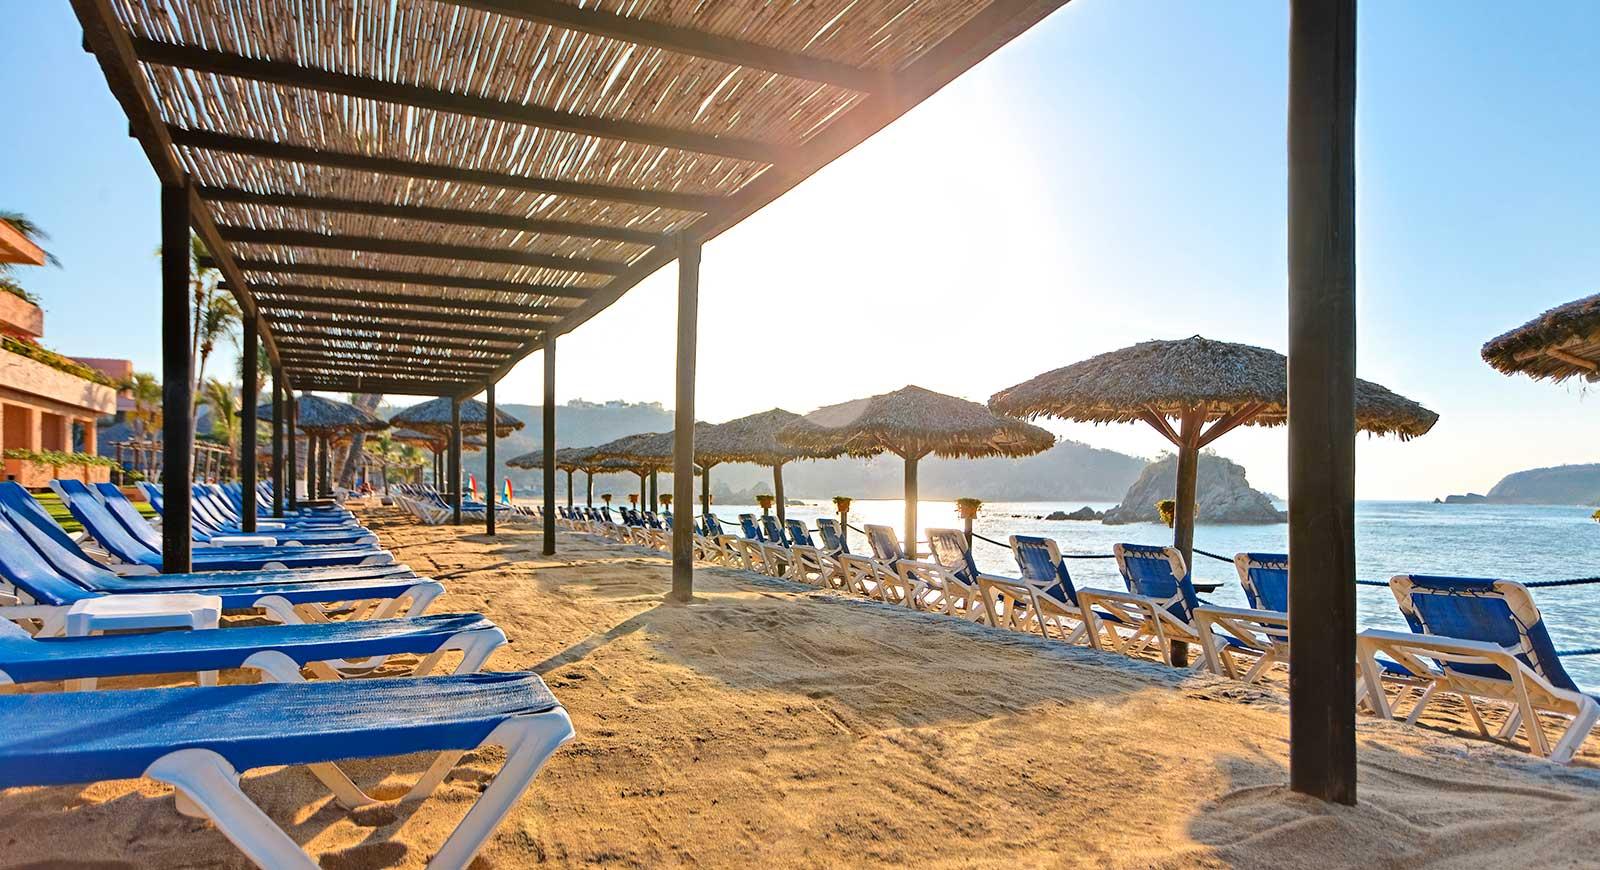 68-beach-1-hotel-barcelo-huatulco-beach_tcm7-31023